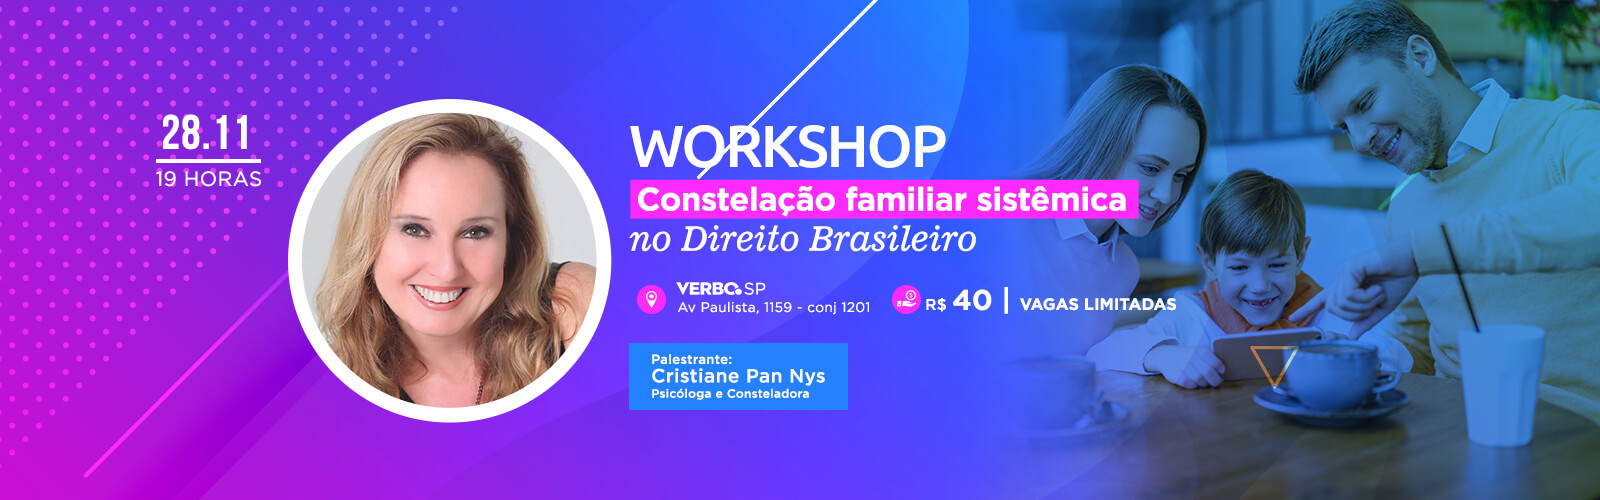 Workshop em SP - Constelação Familiar Sistêmica